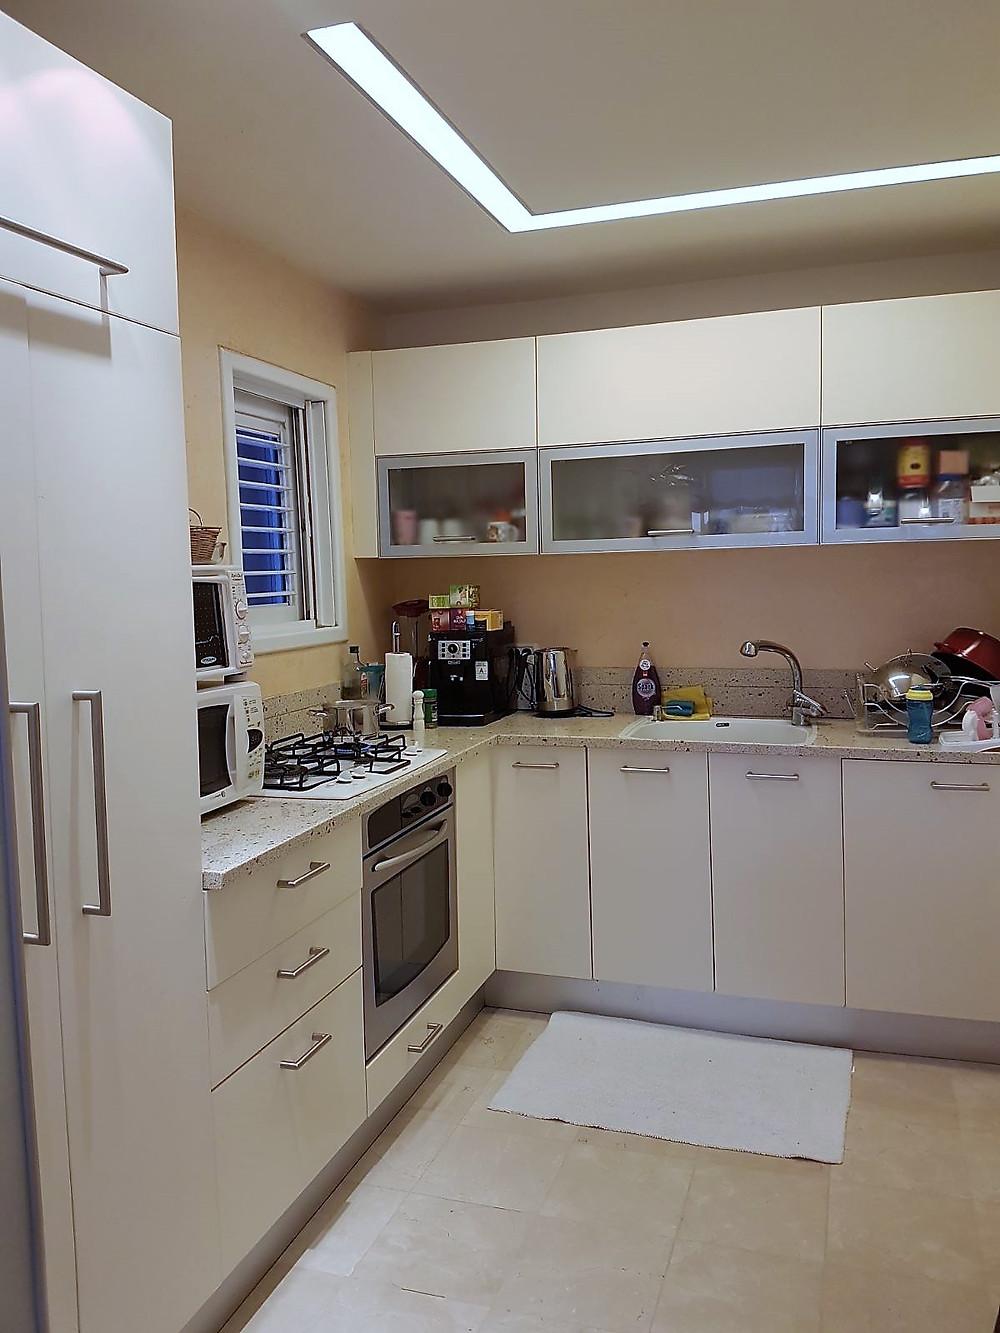 דירה משופצת למכירה בבבלי צפון תל אביב מטבח פתוח לסלון